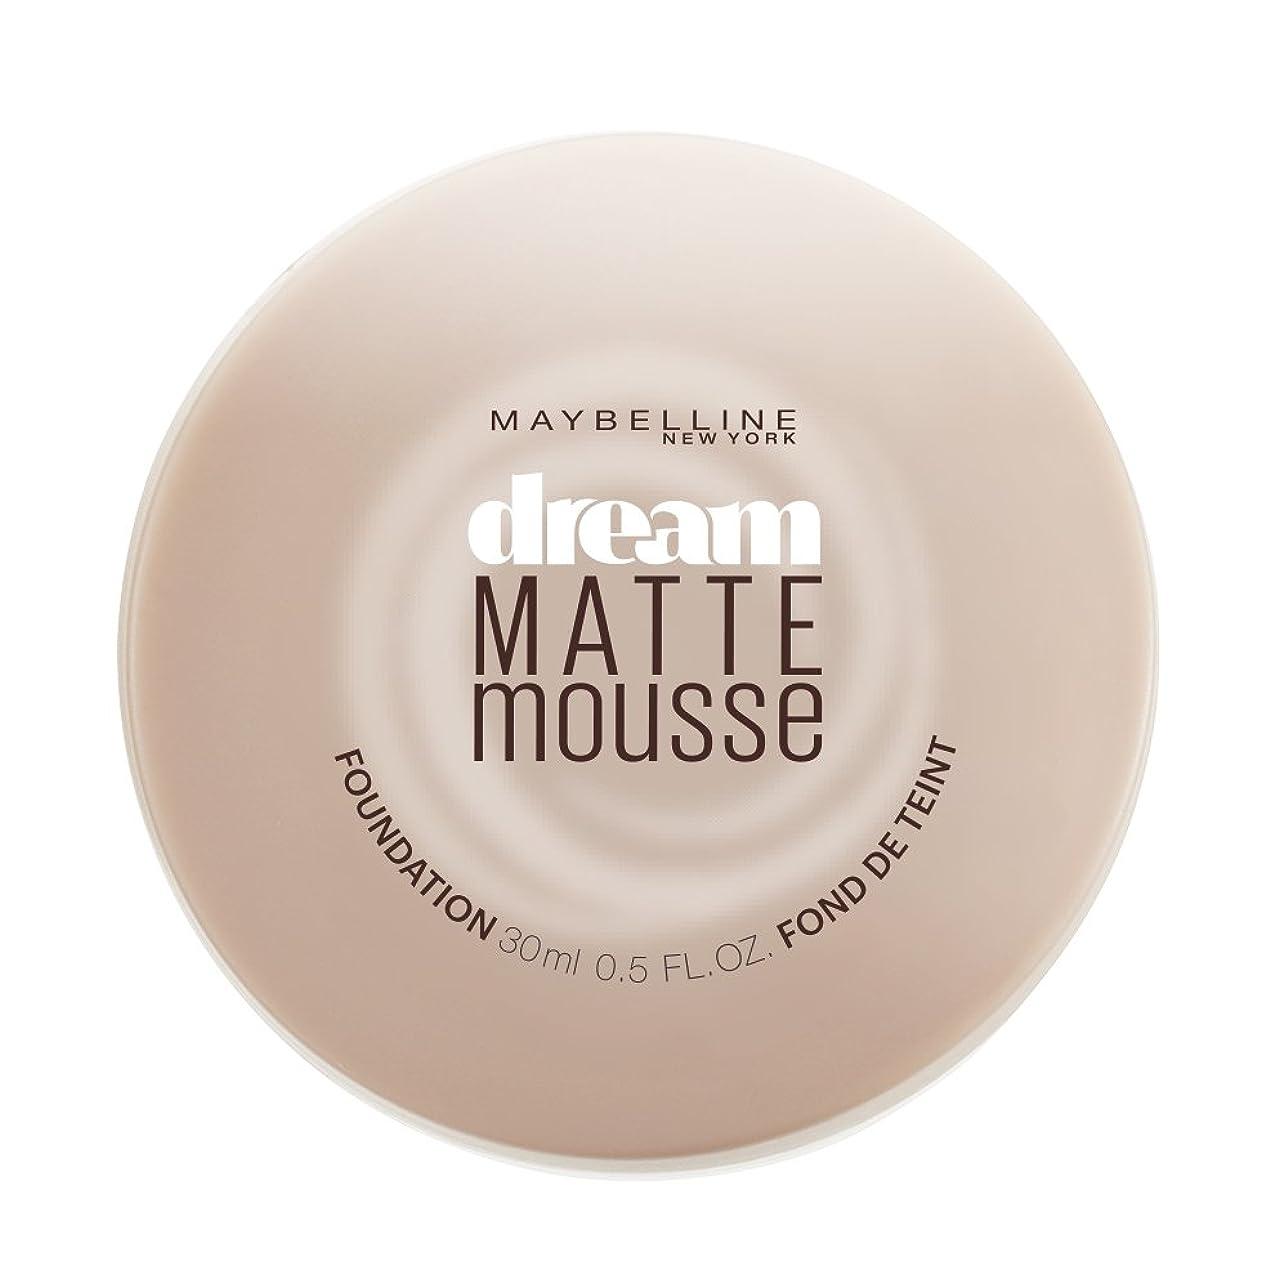 年金受給者竜巻気づかないMAYBELLINE Dream Matte Mousse Caramel (並行輸入品)